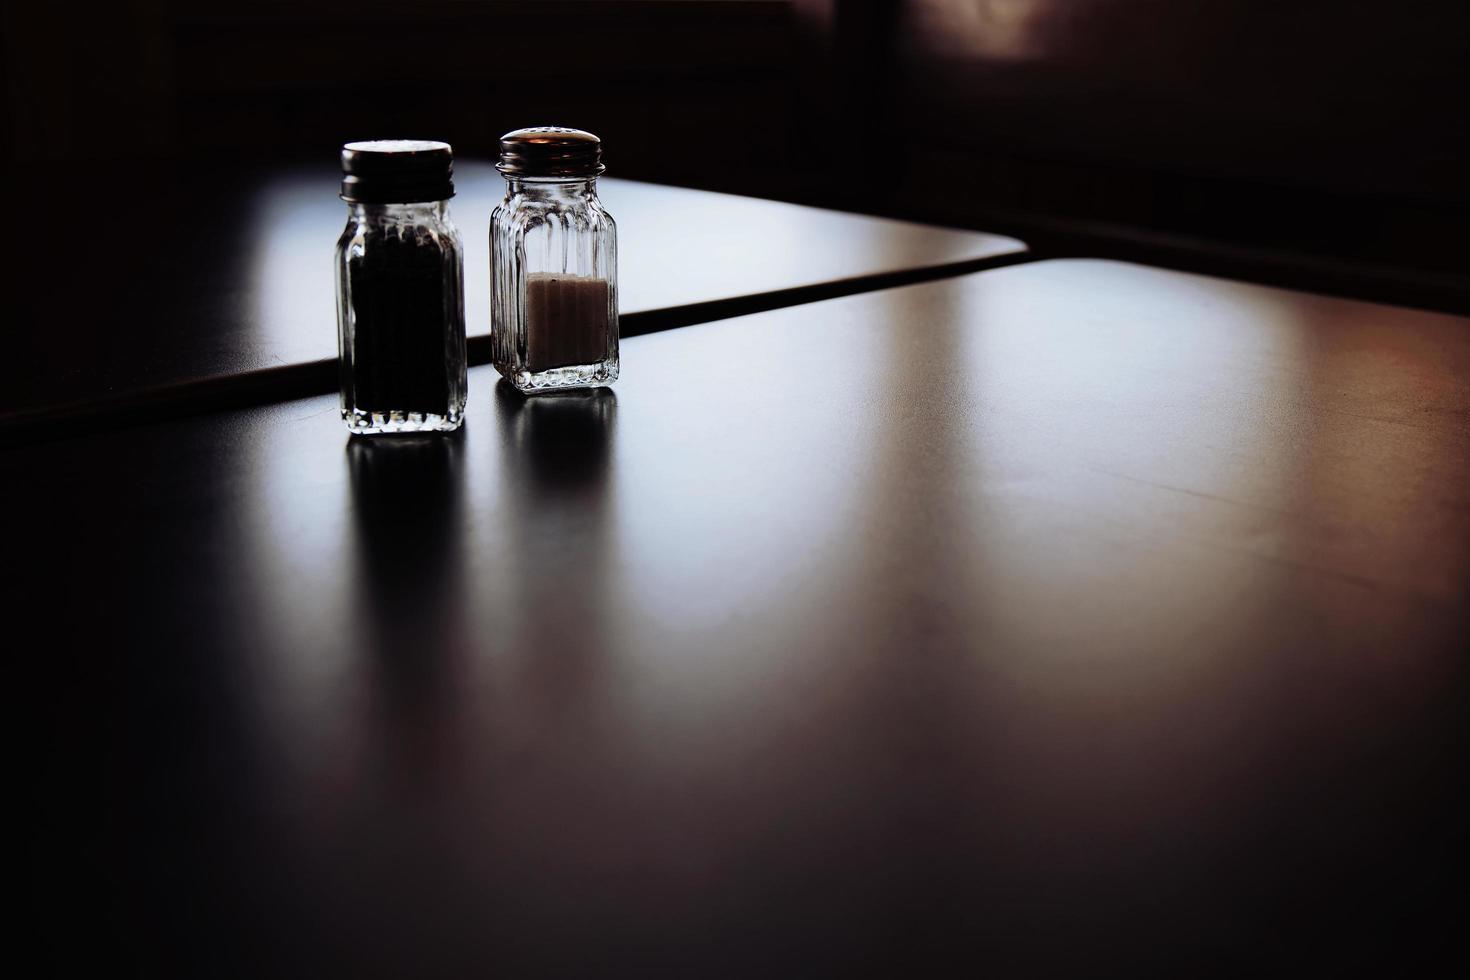 tarros de sal y pimienta en la mesa foto